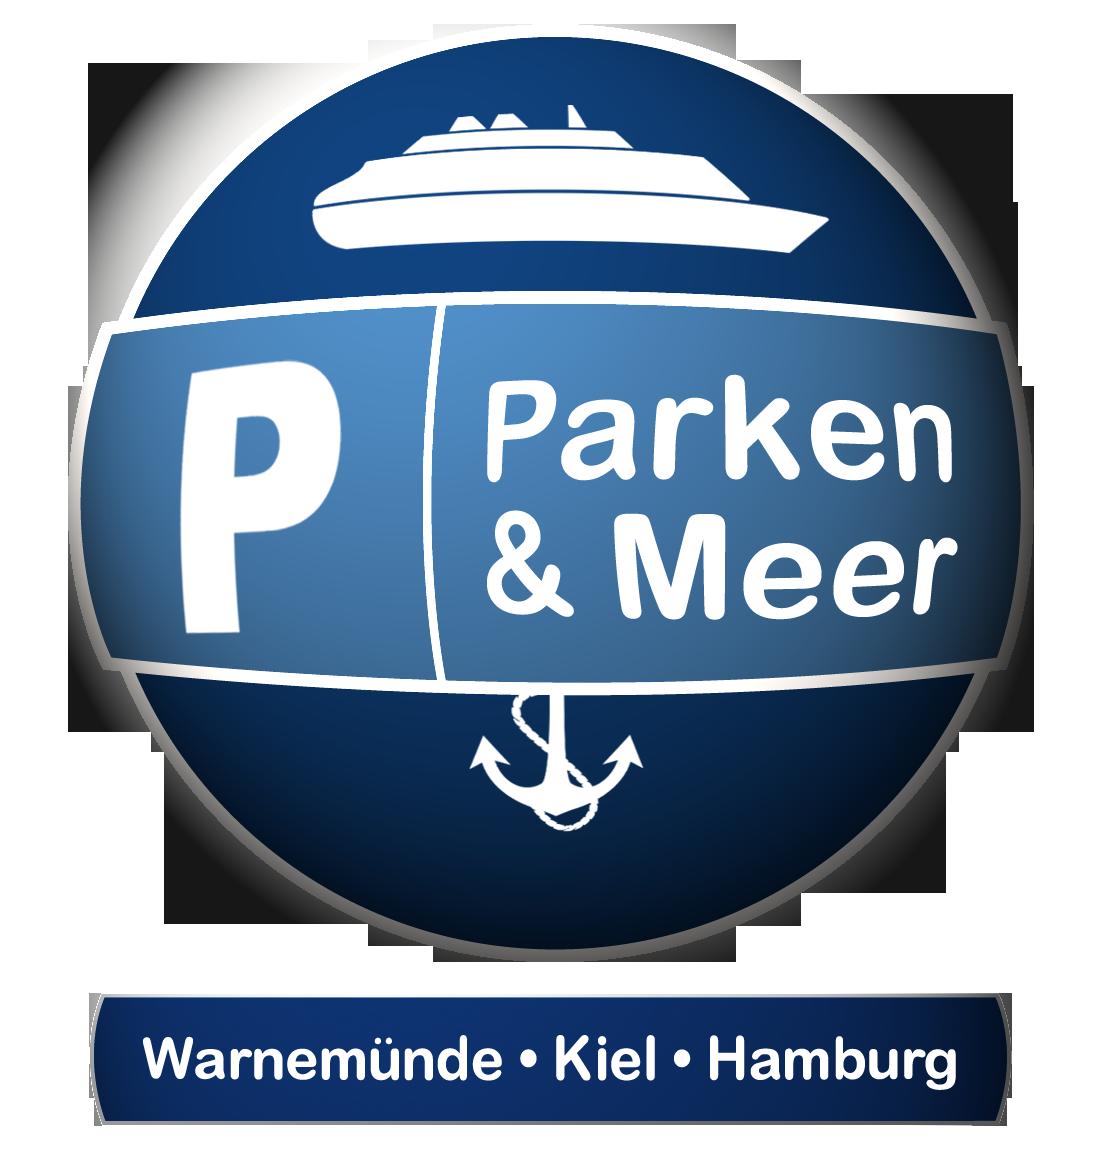 Parken & Meer